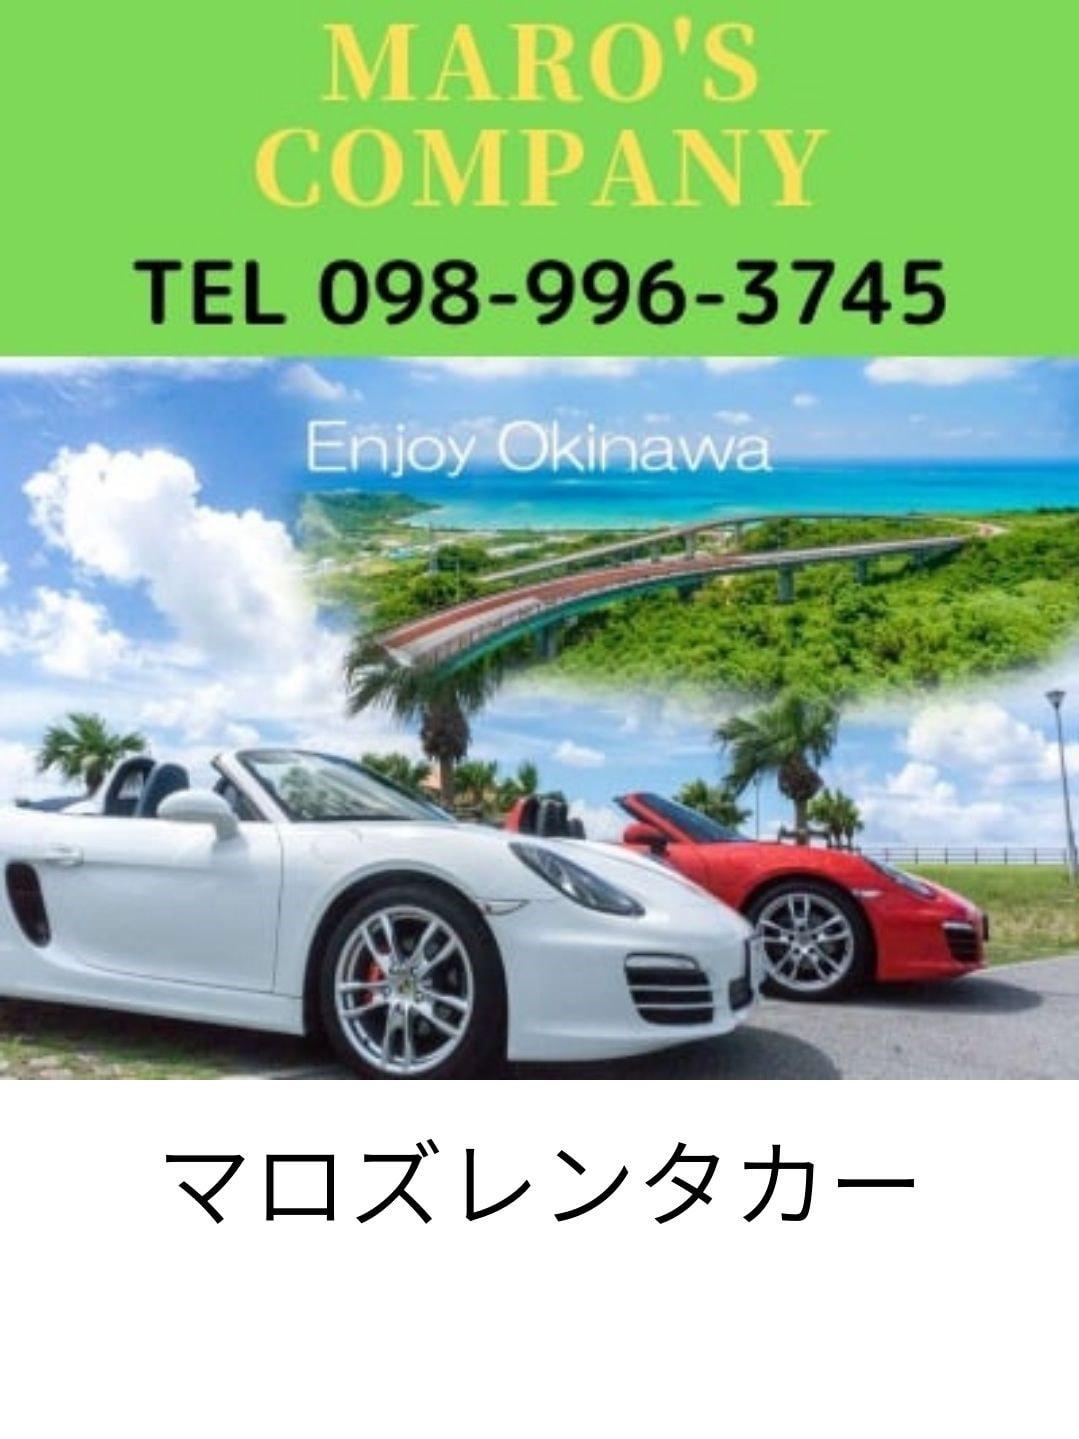 沖縄|レンタカー|旅行|格安|空港